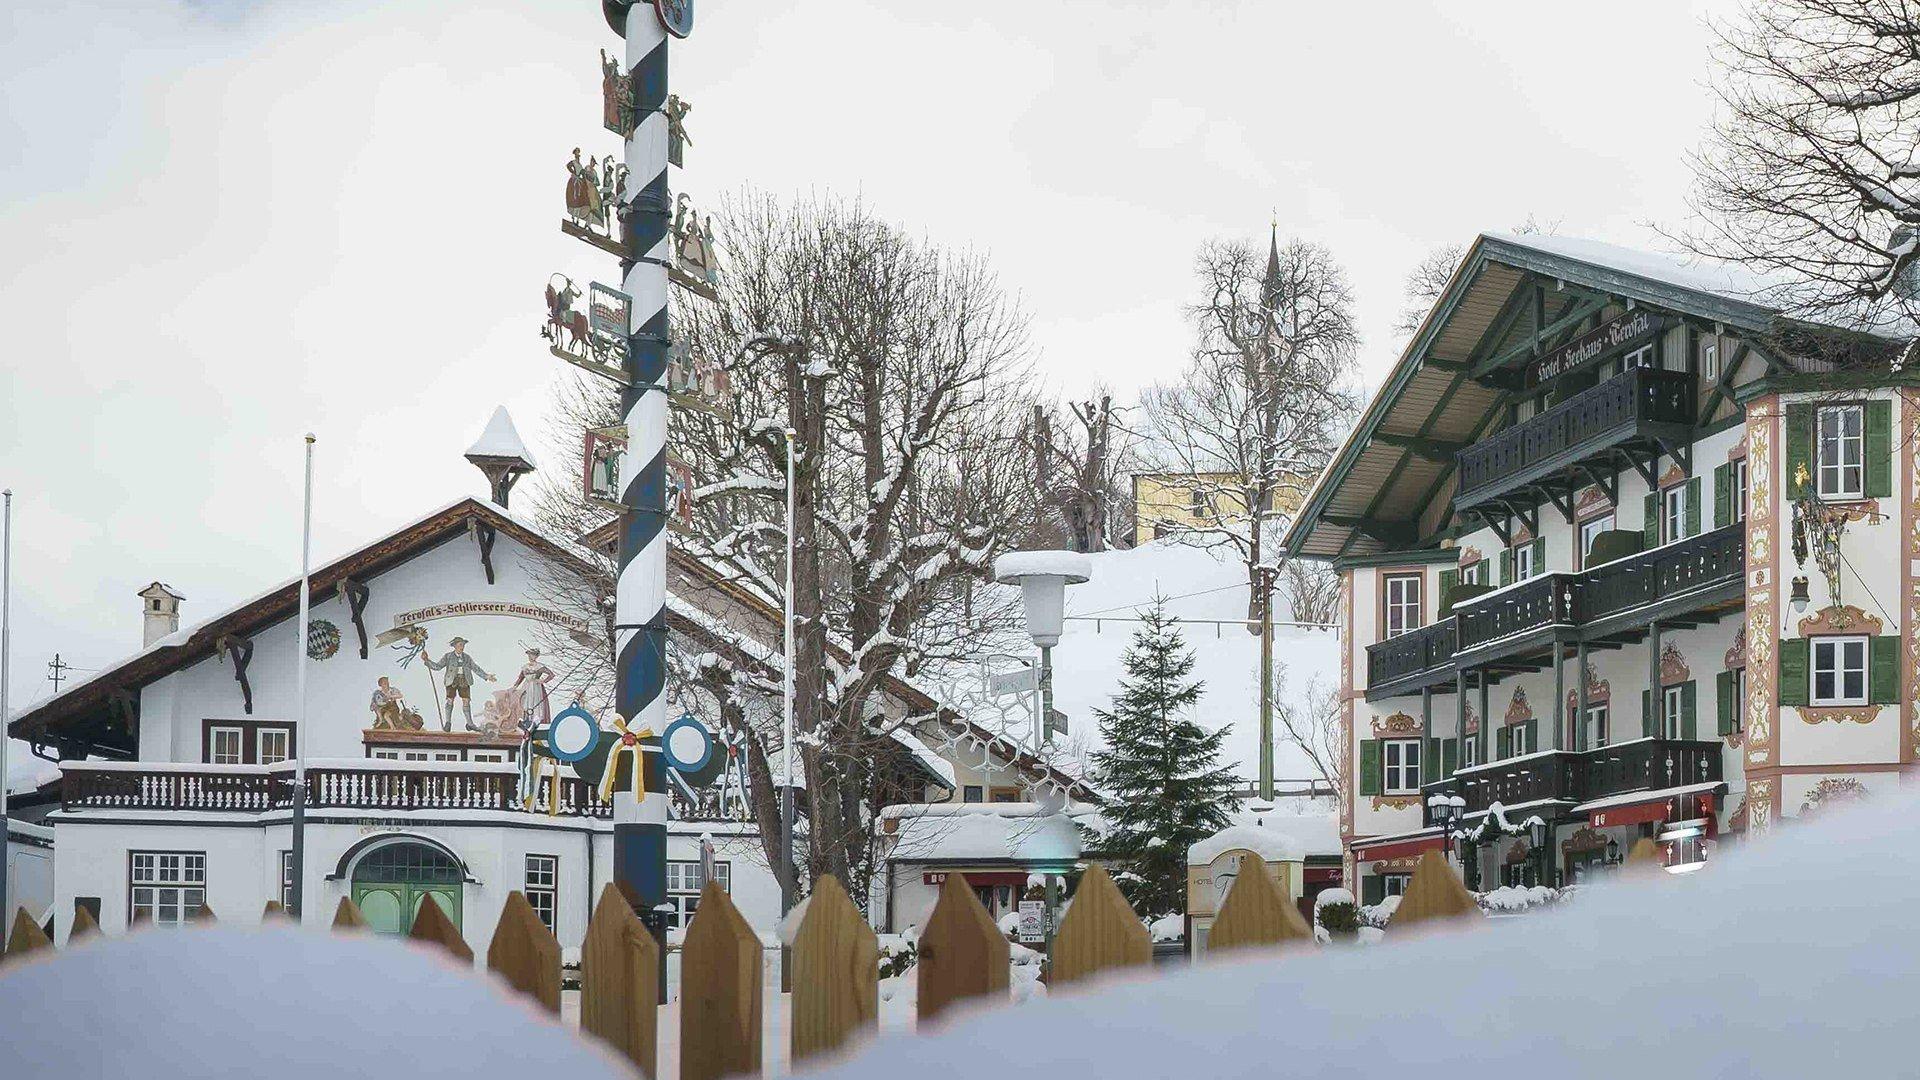 Bauerntheater Oberbayern Schliersee, © Dietmar Denger